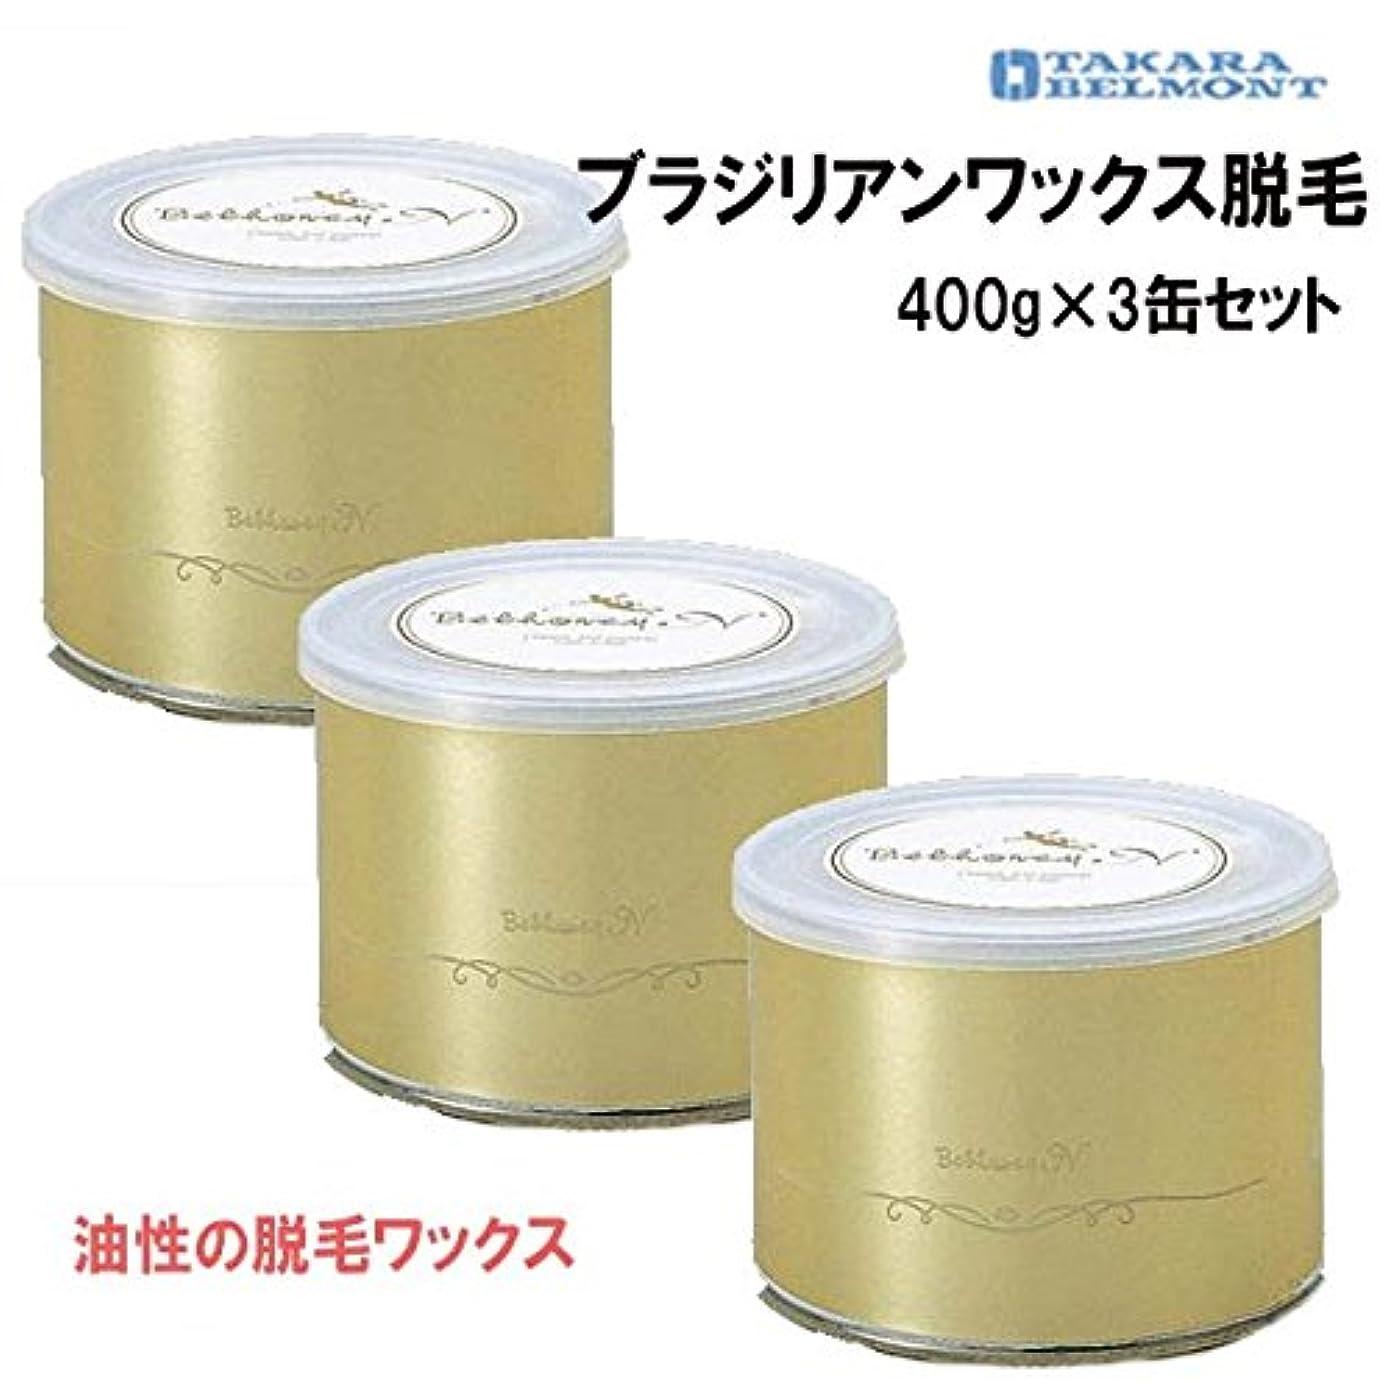 タカラ脱毛ワックス?ベルハニーN 400g×3缶セット ブラジリアンワックス脱毛 油性?ウォームタイプ